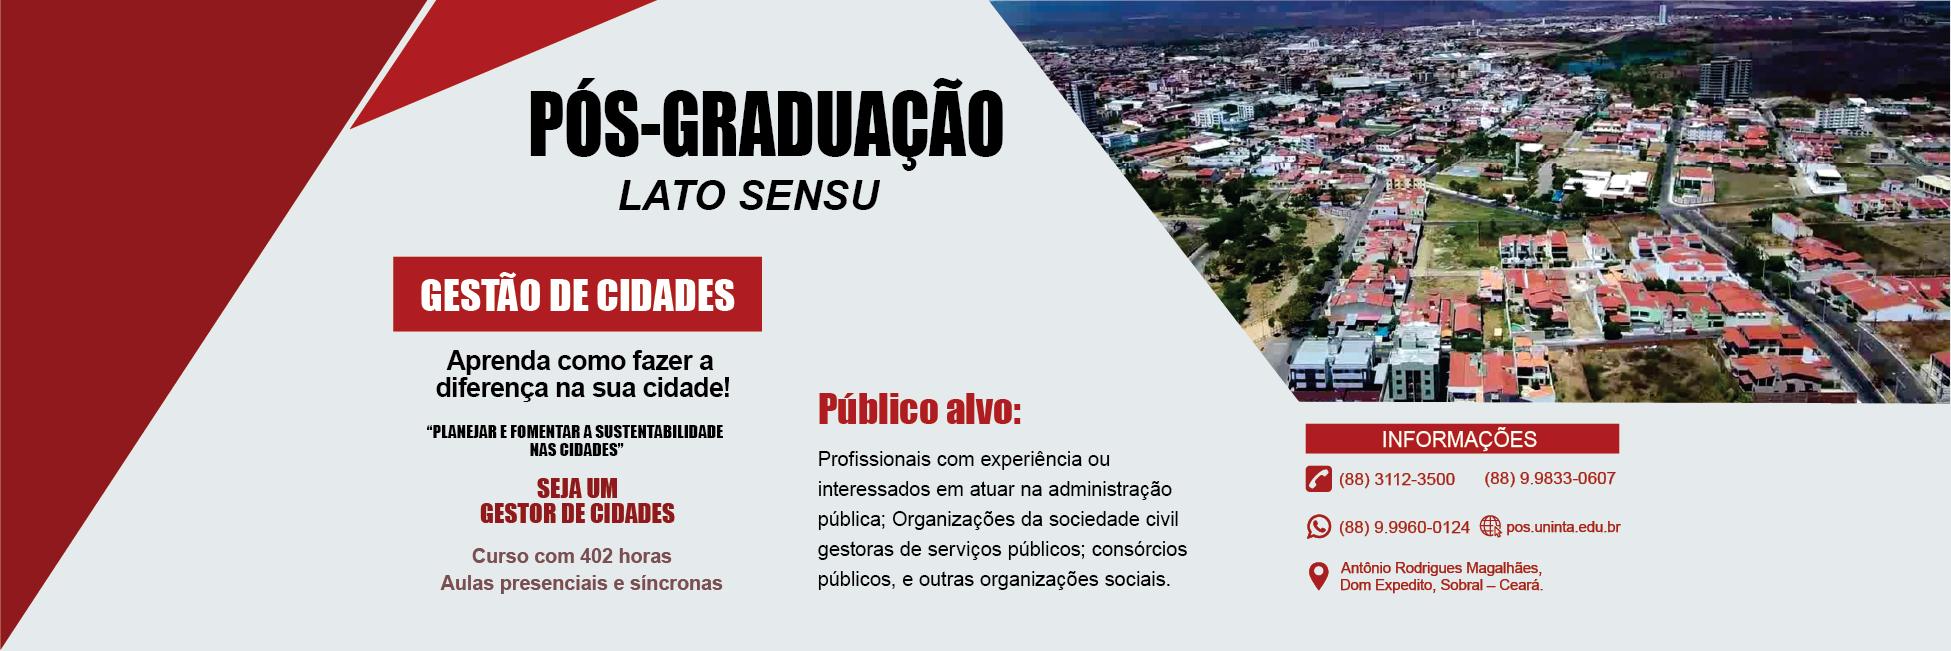 Pós-graduação em Gestão de Cidades